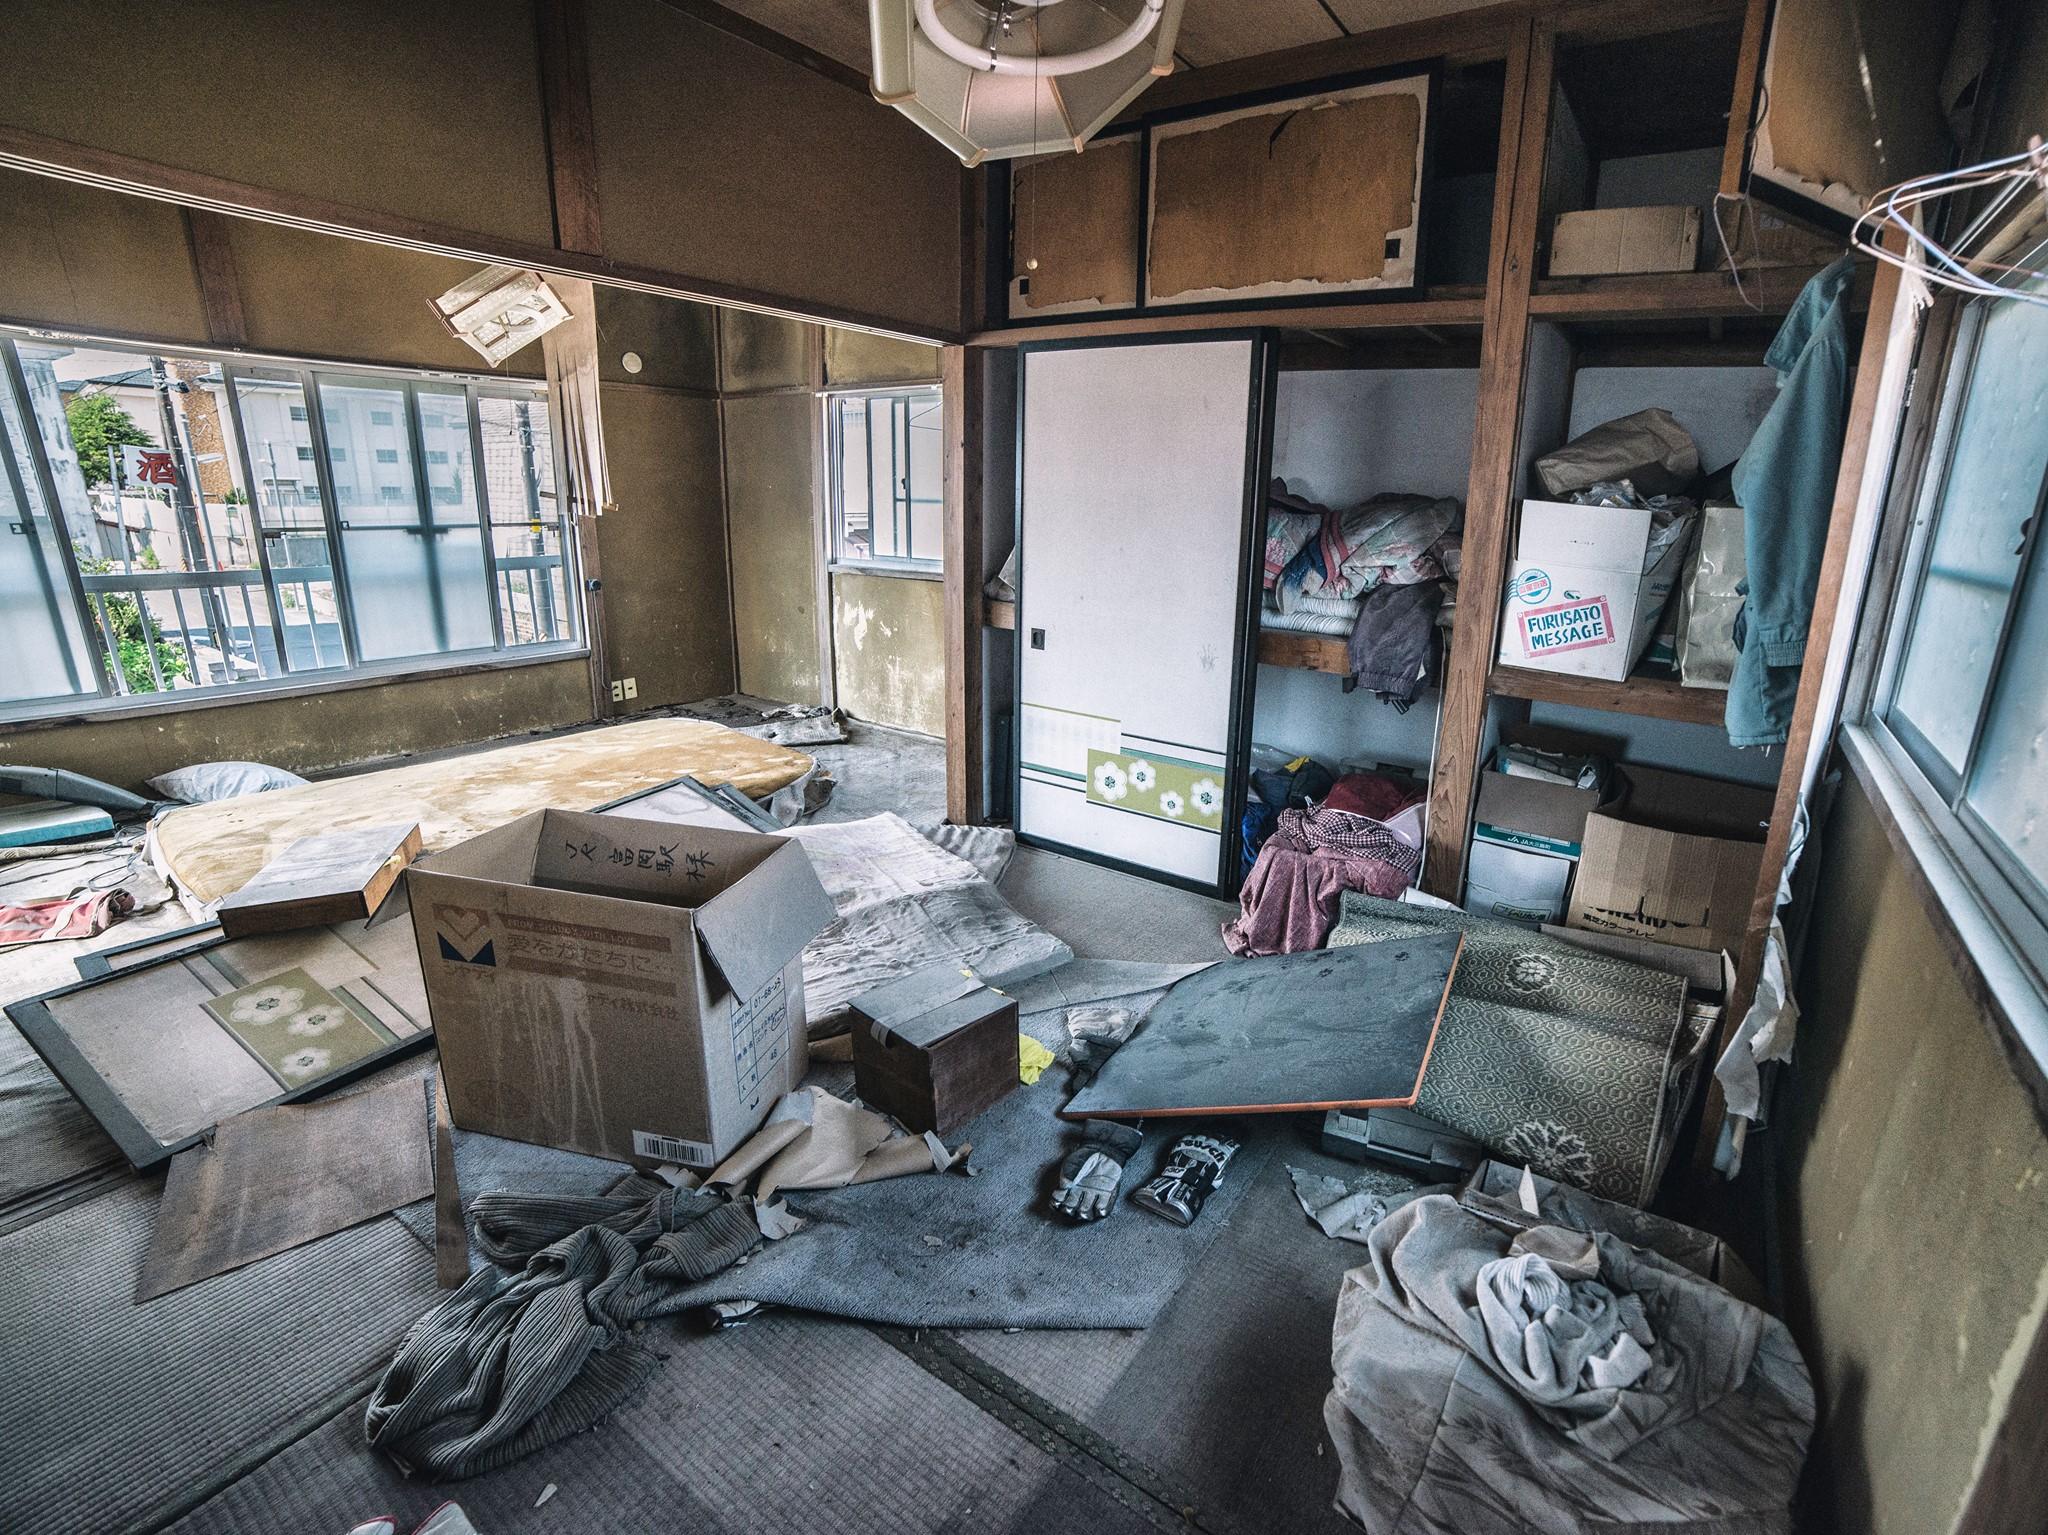 como es fukushima 5 años después del desastre 23